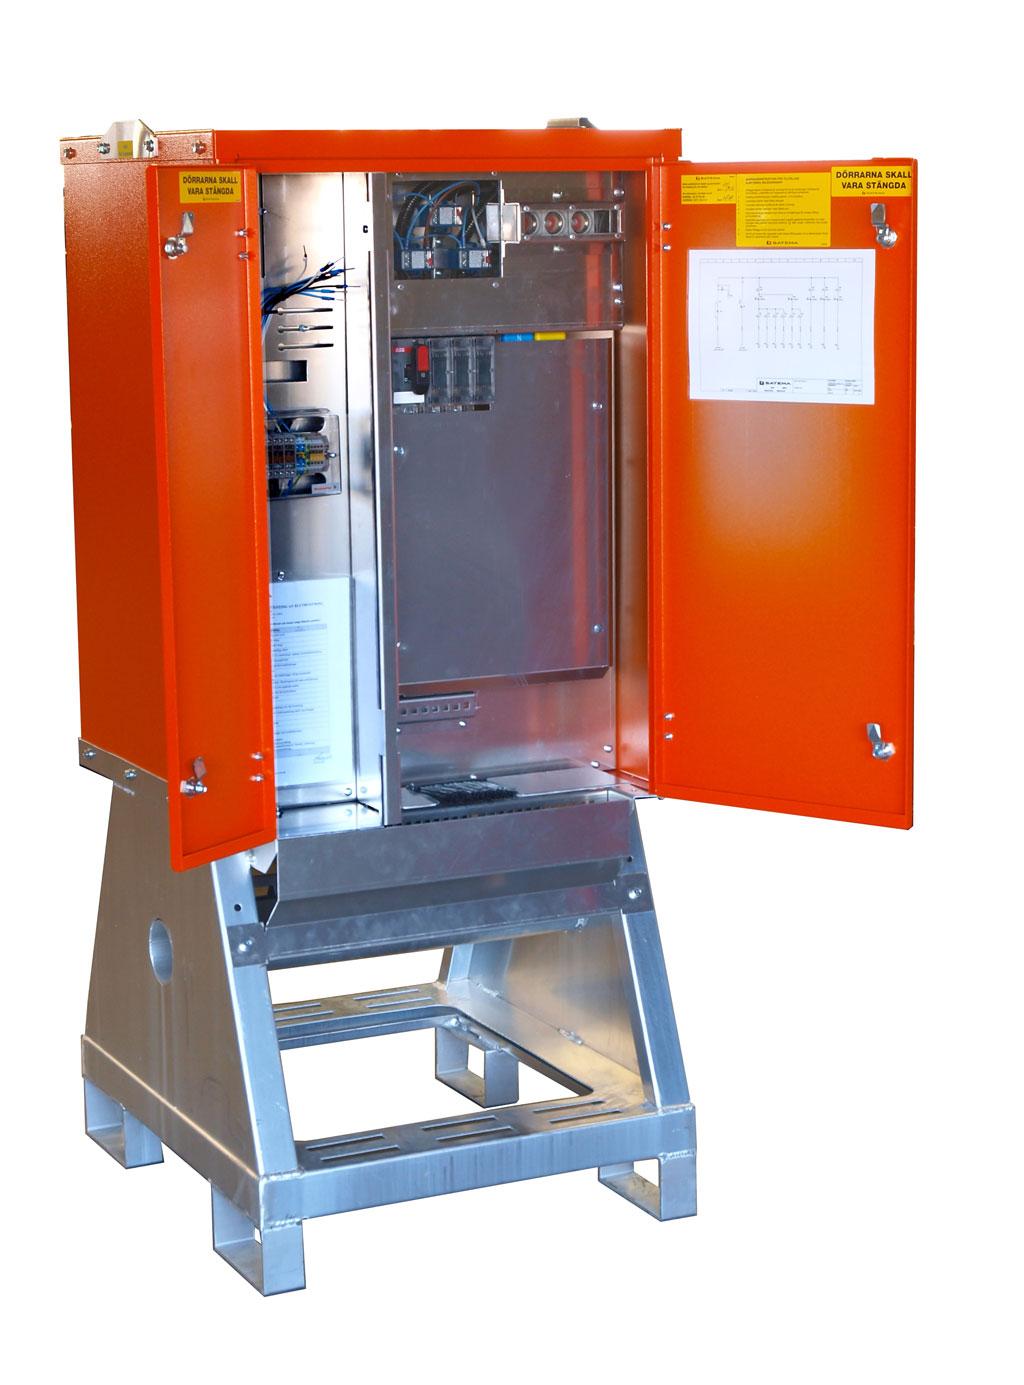 Matningscentral-ZFSF160-1-3222-32-oppen2